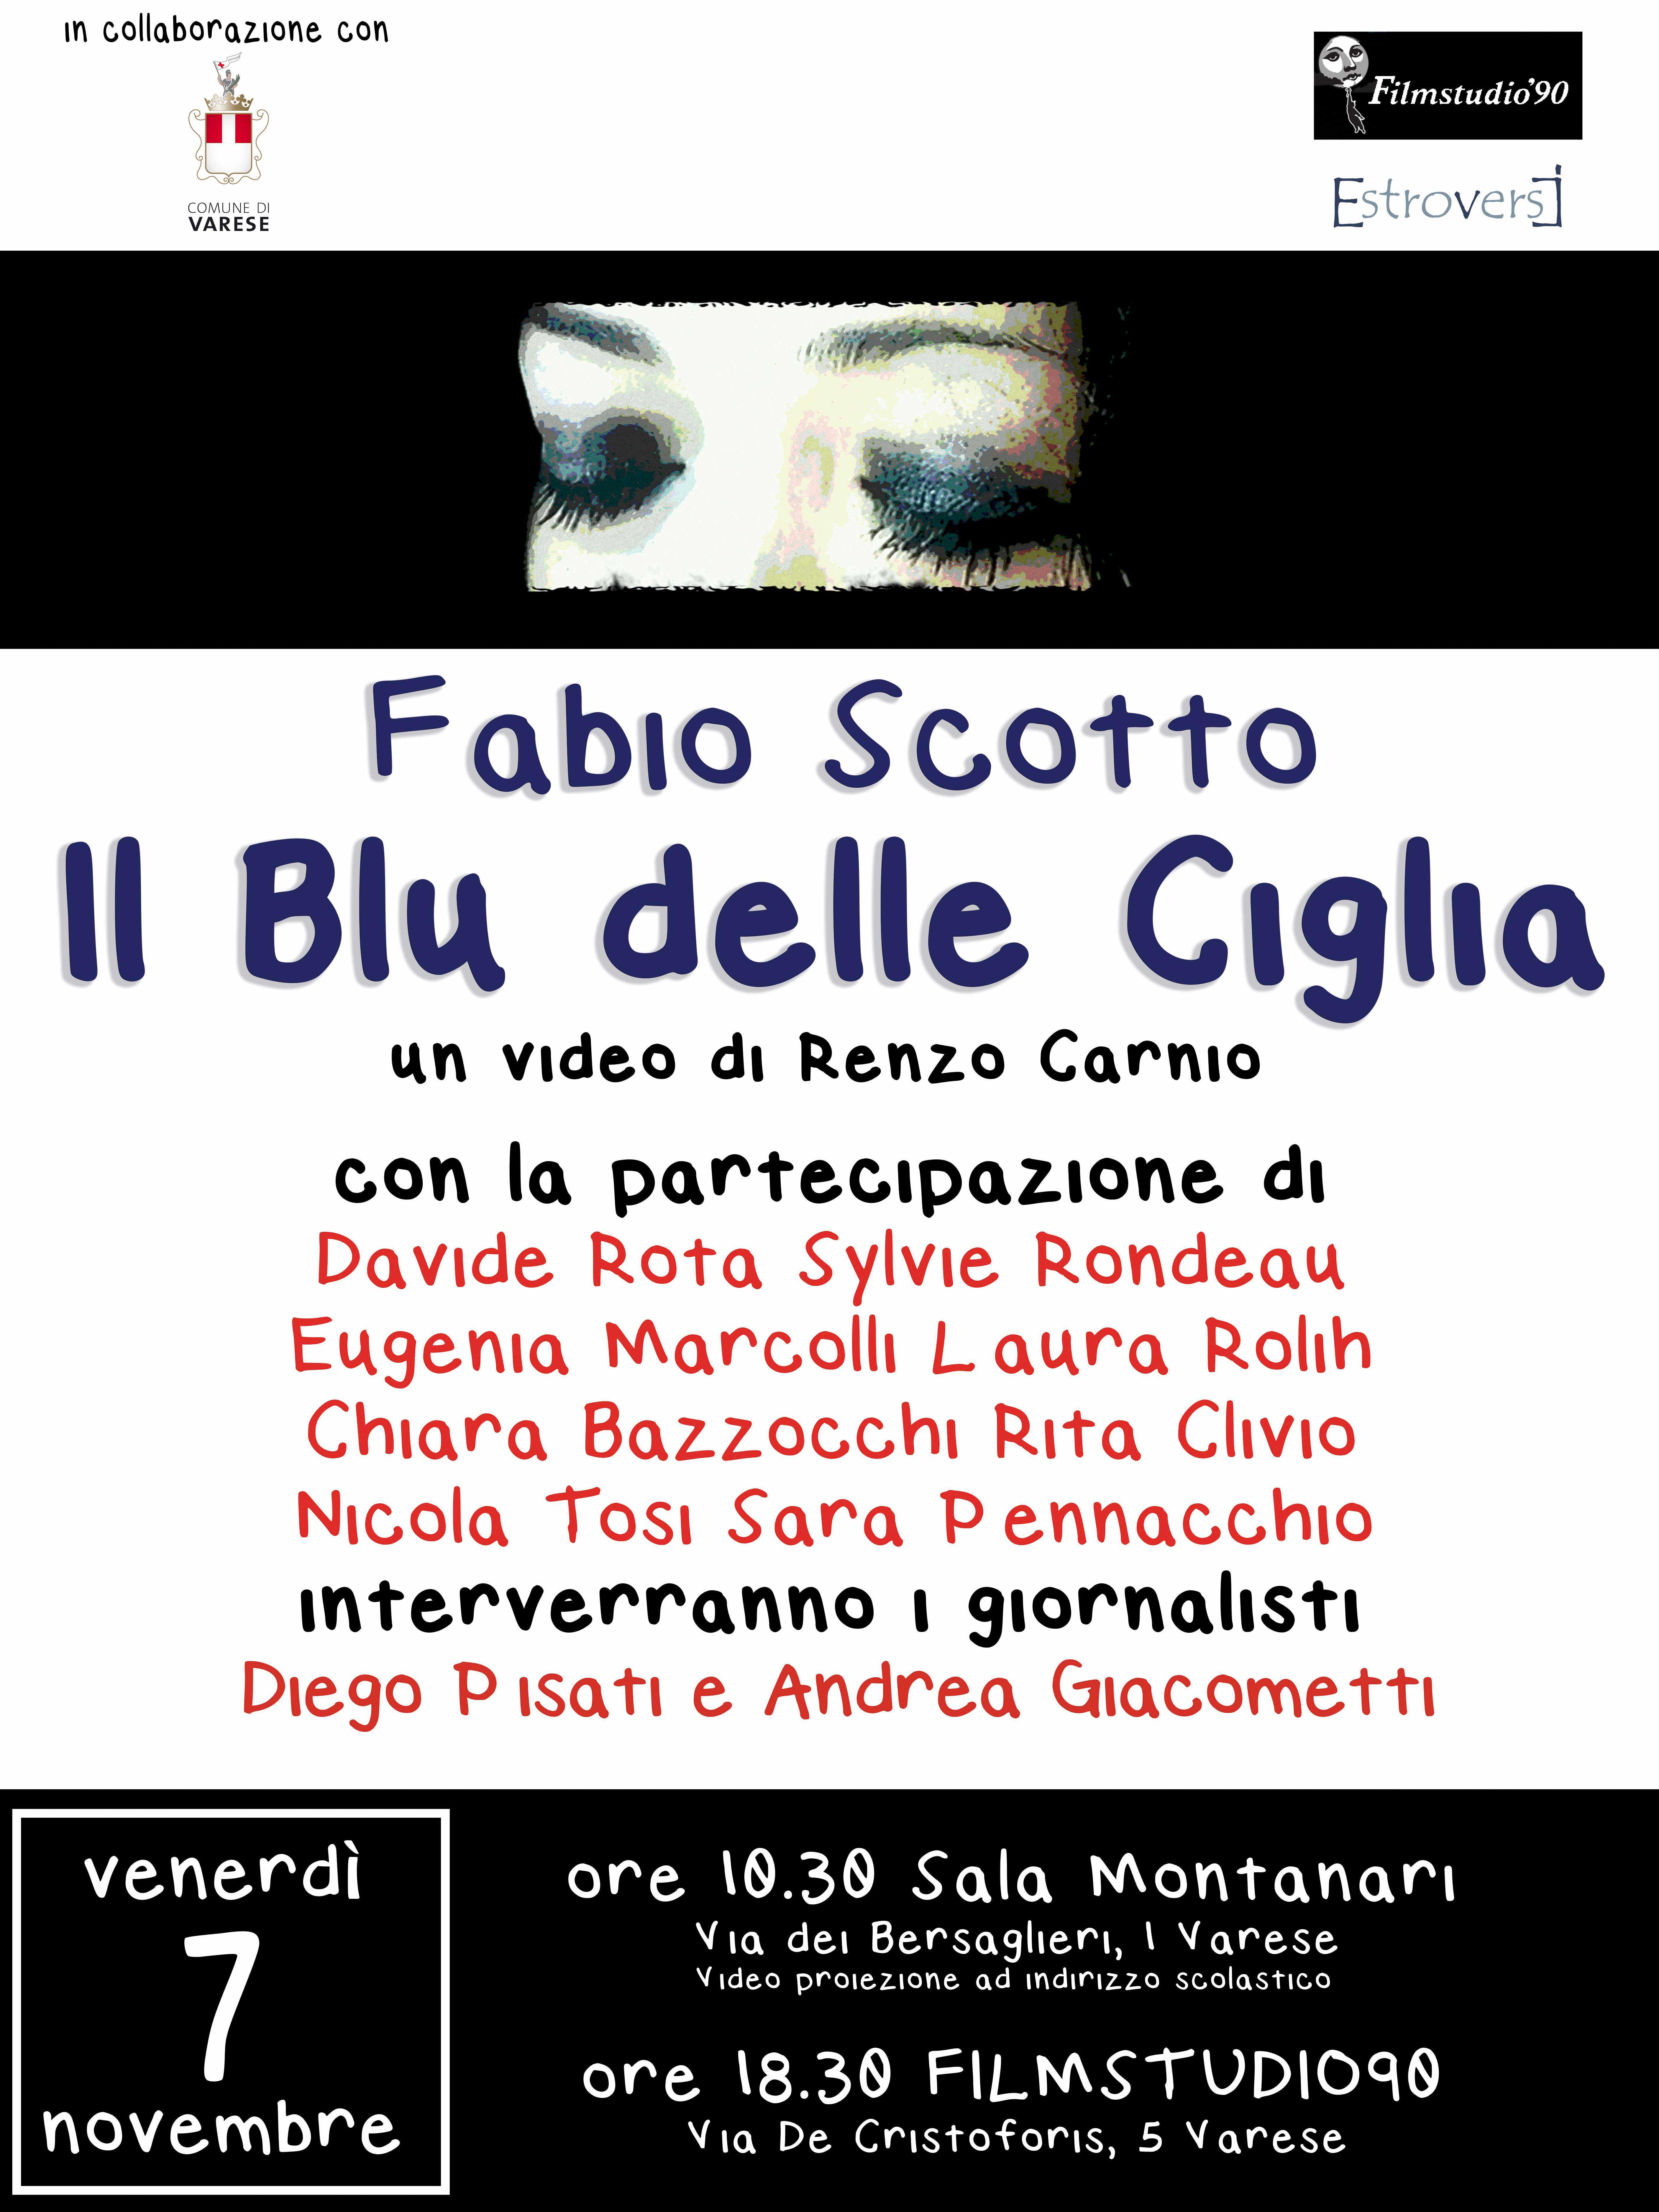 """""""Il Blu delle Ciglia"""" Fabio Scotto è un video realizzato quest'anno dal film-maker Renzo Carnio e montato da suo figlio Matteo dedicato al noto poeta, scrittore e docente universitario Fabio Scotto. La proiezione avrà luogo […]"""